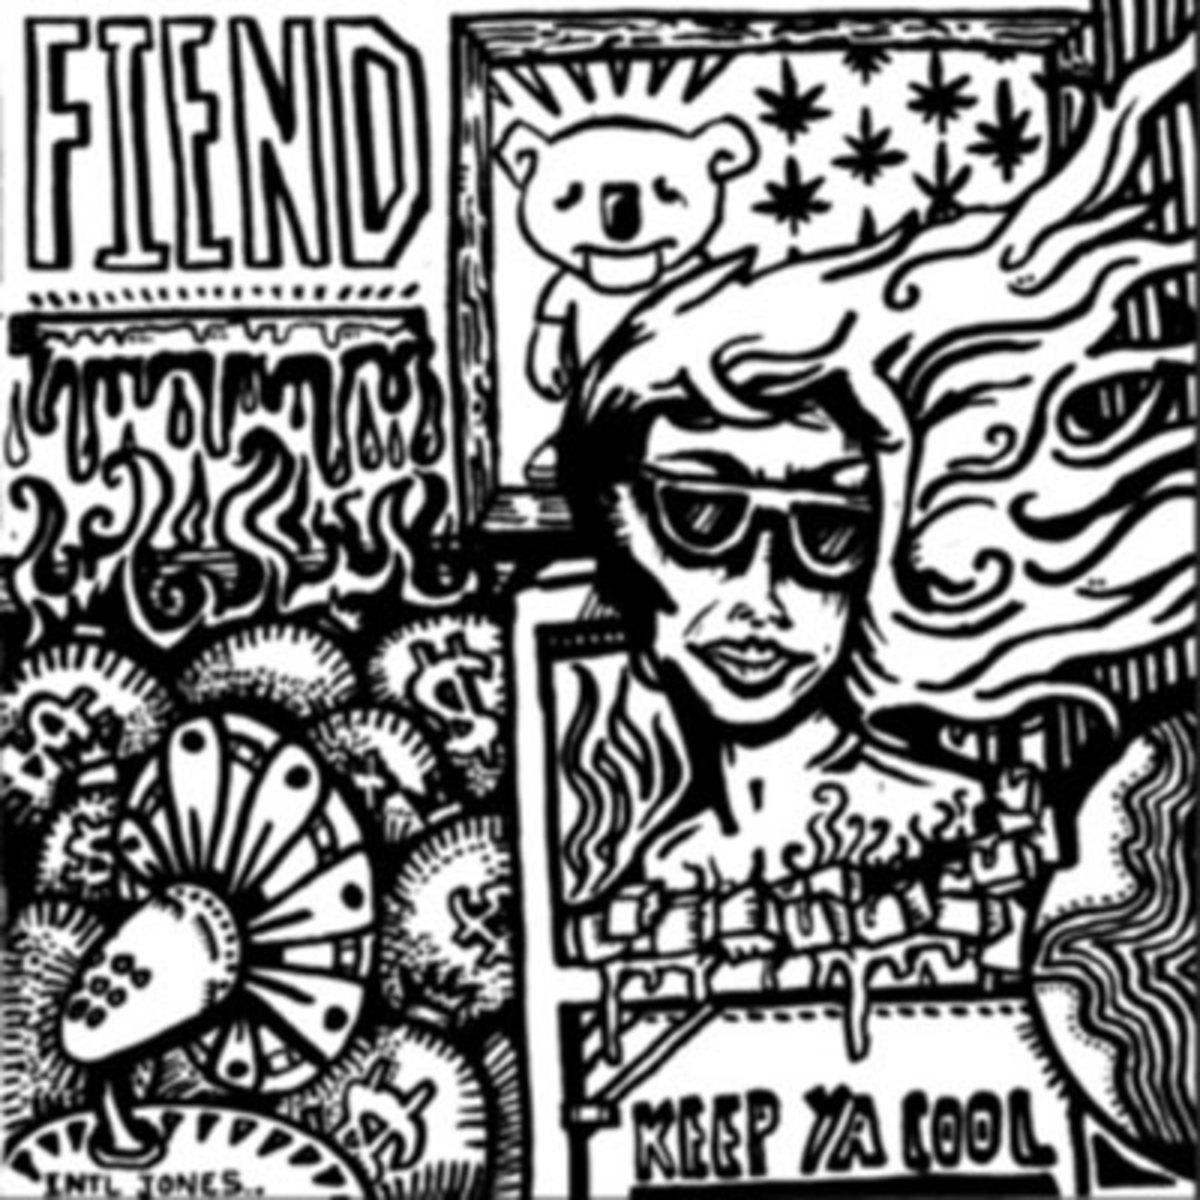 fiend-keepyacool.jpg